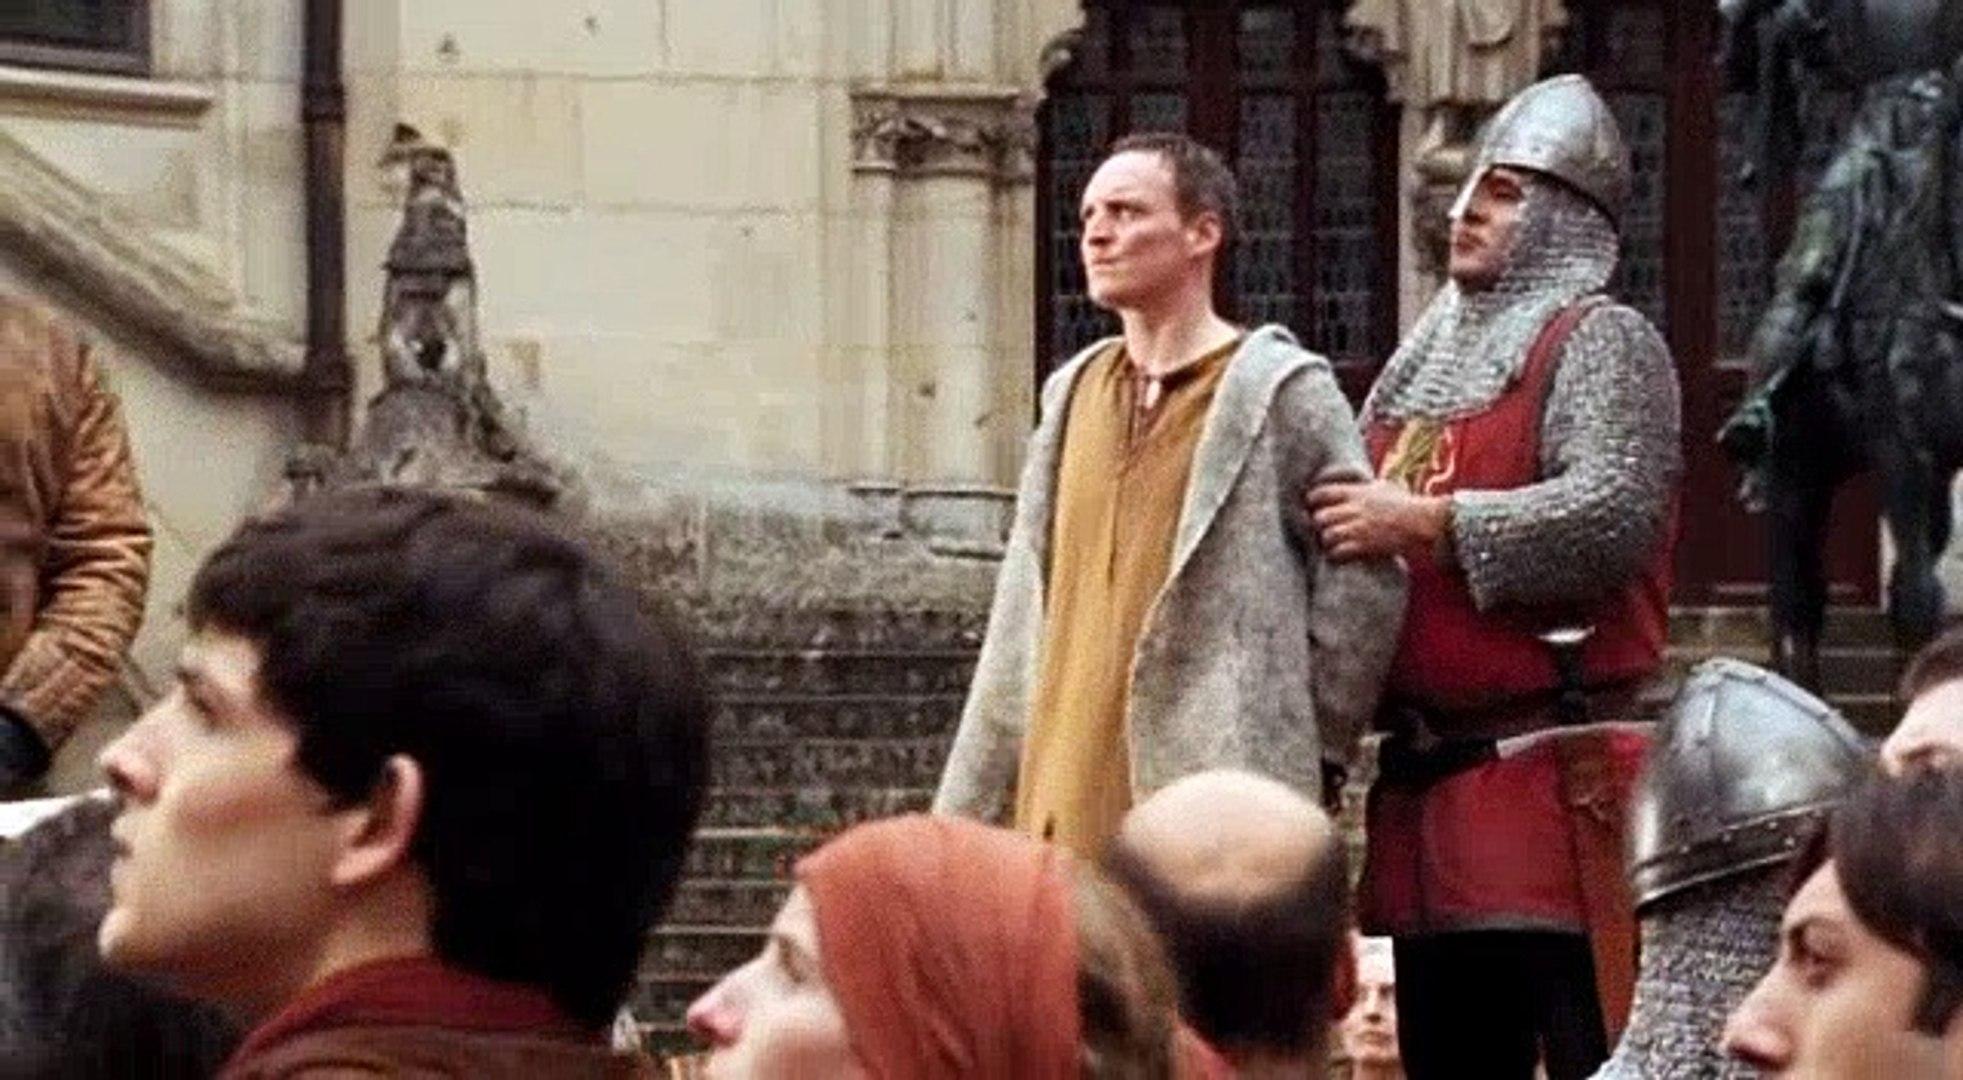 Merlin S01E01